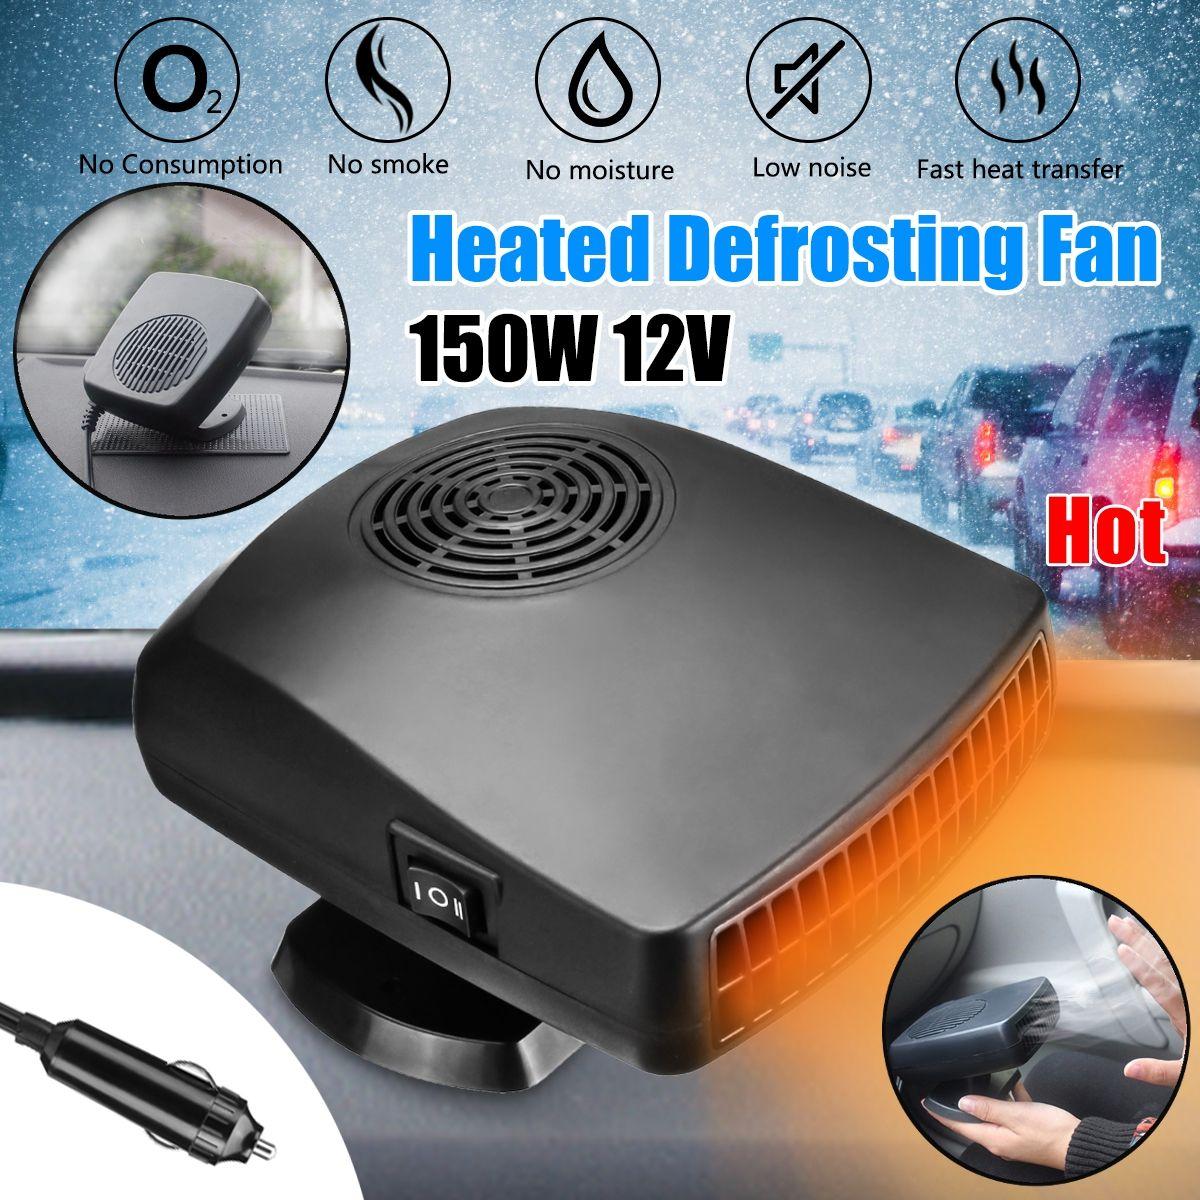 12 V 150 W Defroster Winter Heizung Fan Tragbare Automobil Demister Wärmer Elektrische Auto Heizung Heizung Lüfter Demister